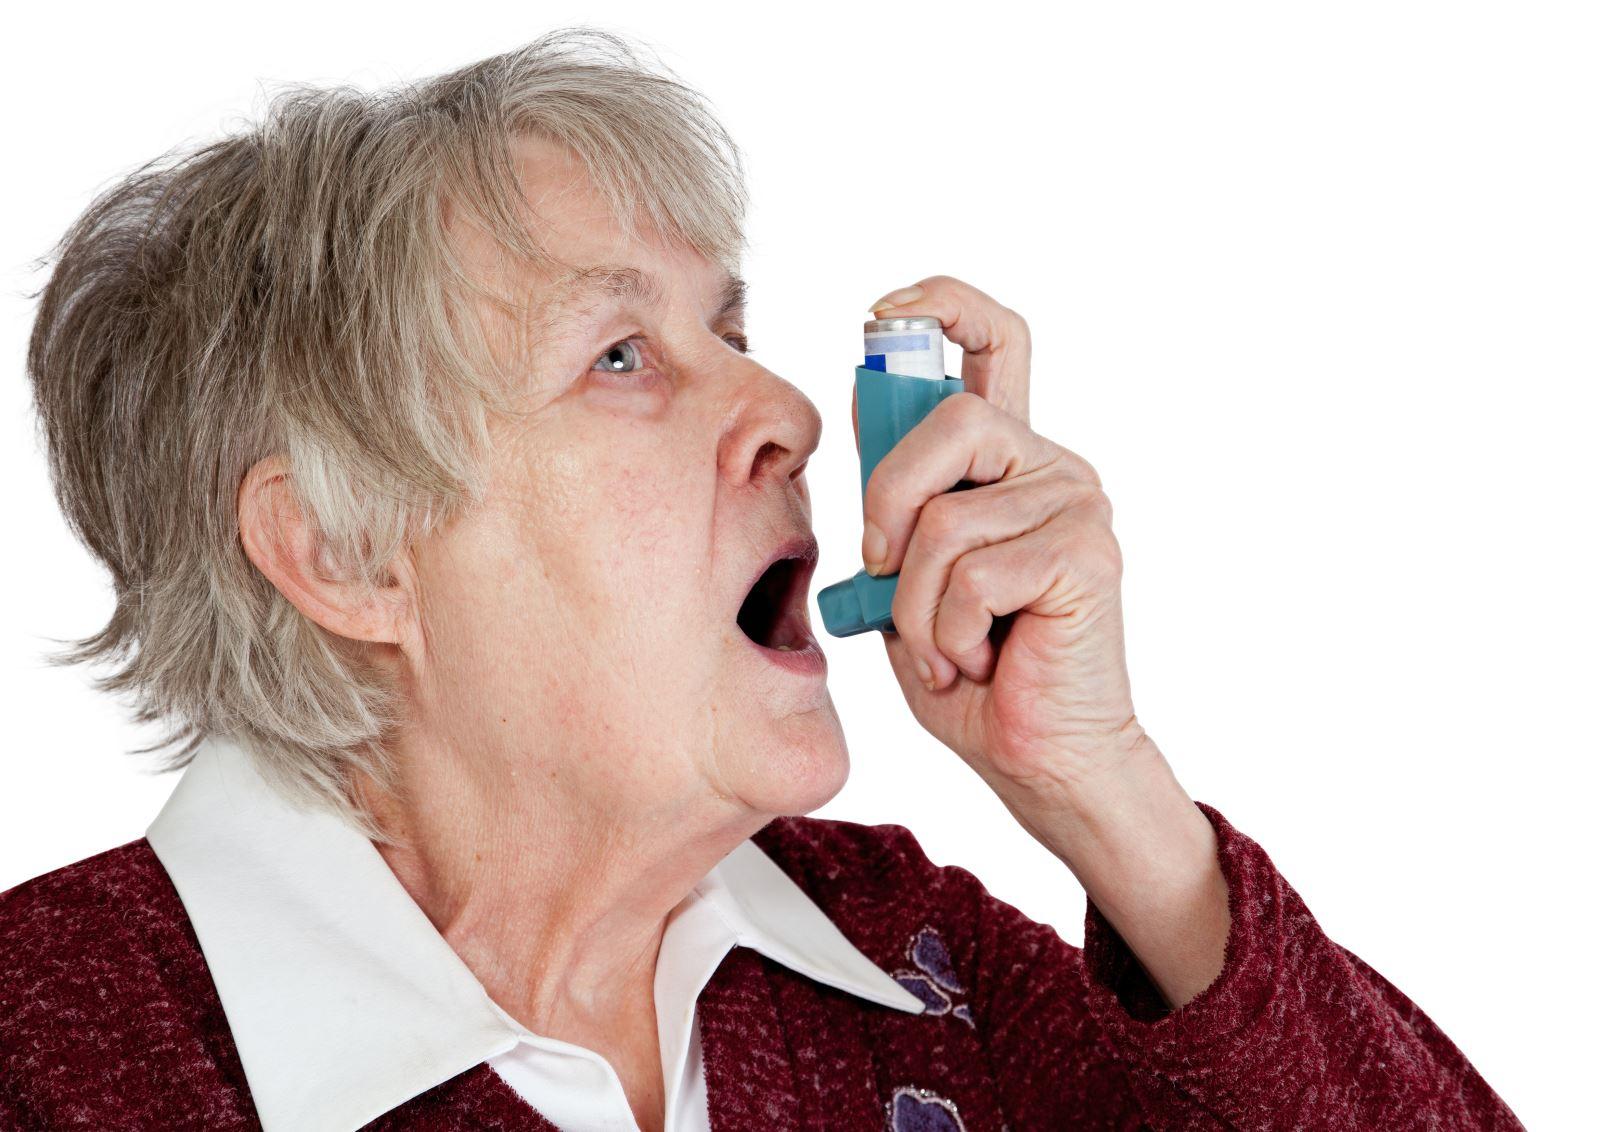 Лечение бронхиальной астмы народными средствами в домашних условиях